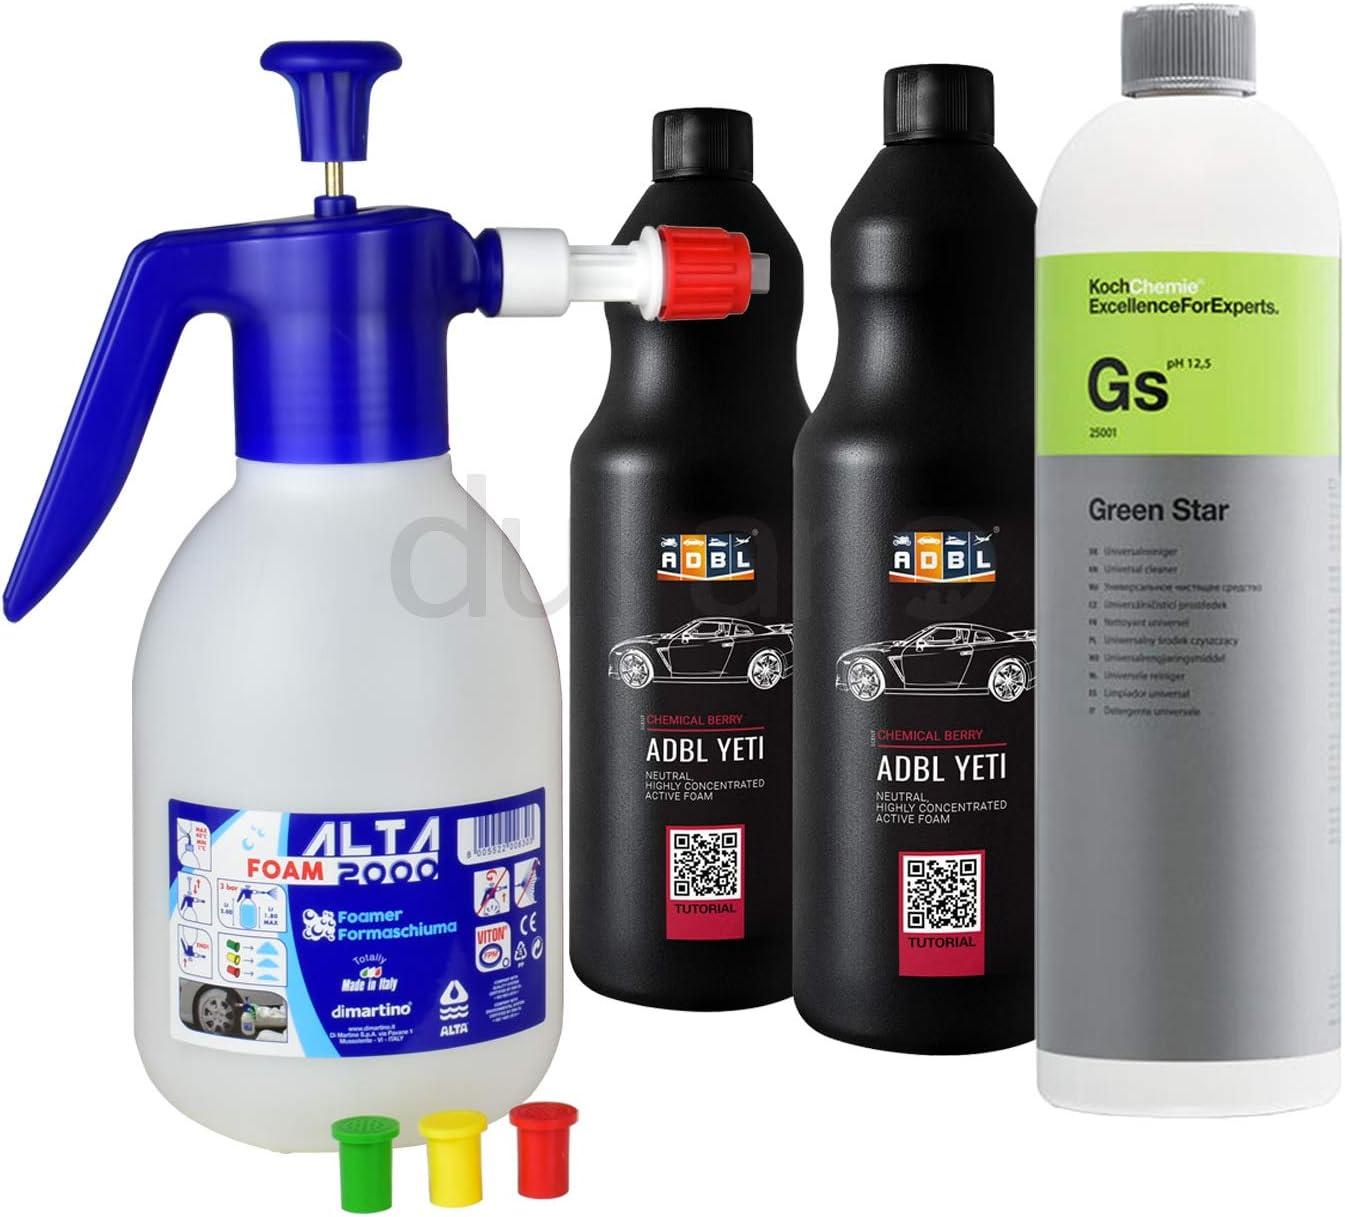 Alta Foam 2000 Foamer Schaumsprüher 2 Liter Koch Chemie Green Star 2x Adbl Reinigungsschaum I 4 Teiliges Reinigungs Set Auto